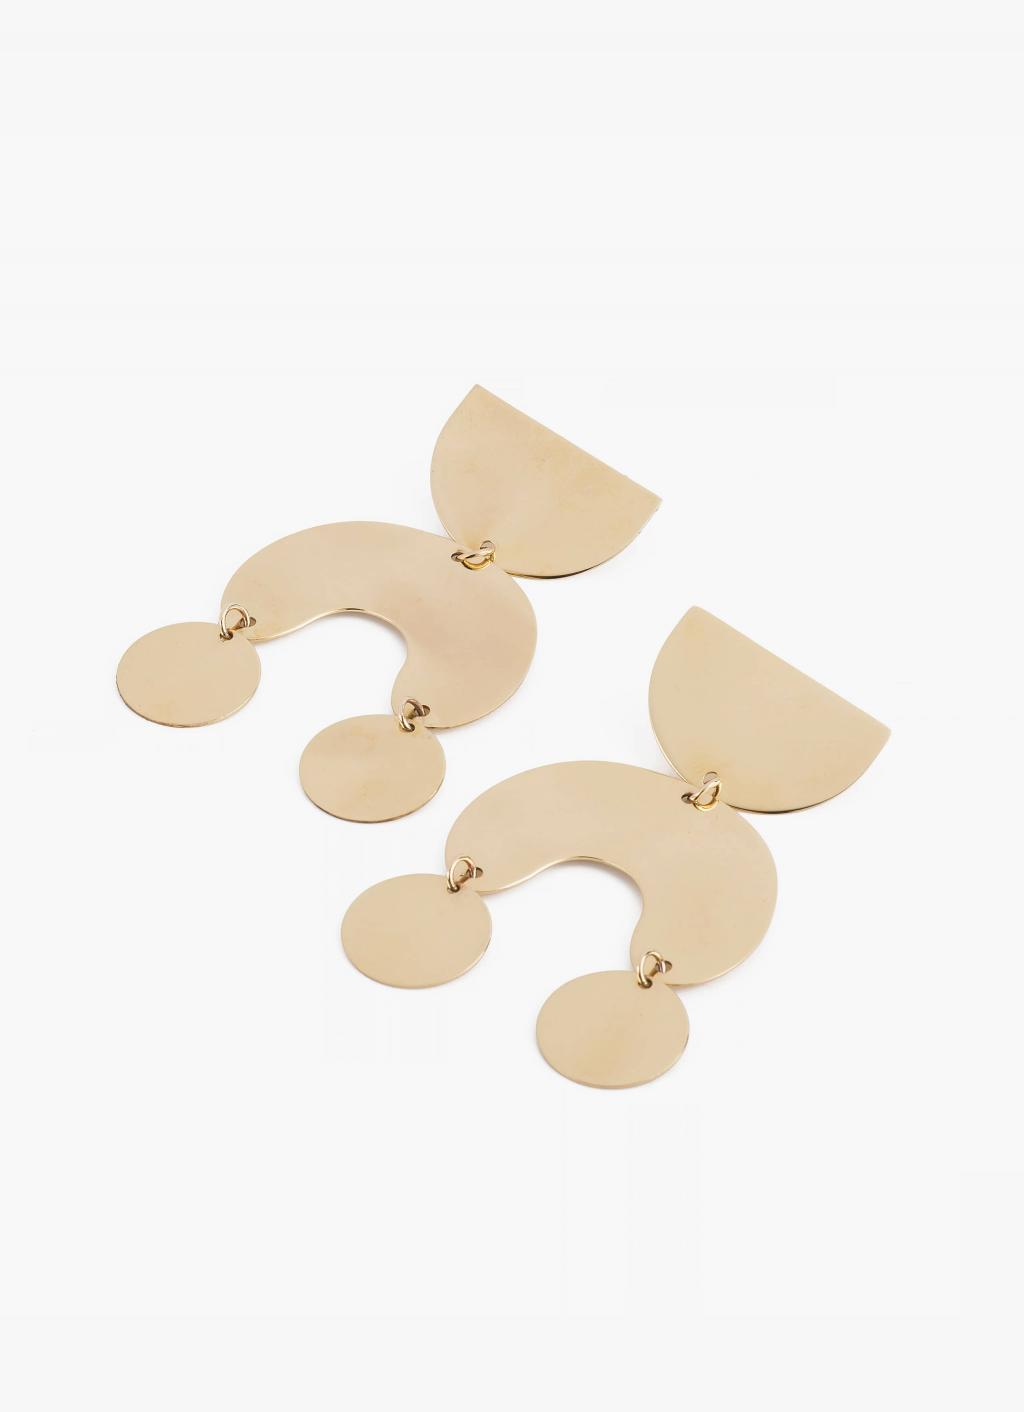 Modern Weaving - Moondancer Statement Earrings - Brass High Polish